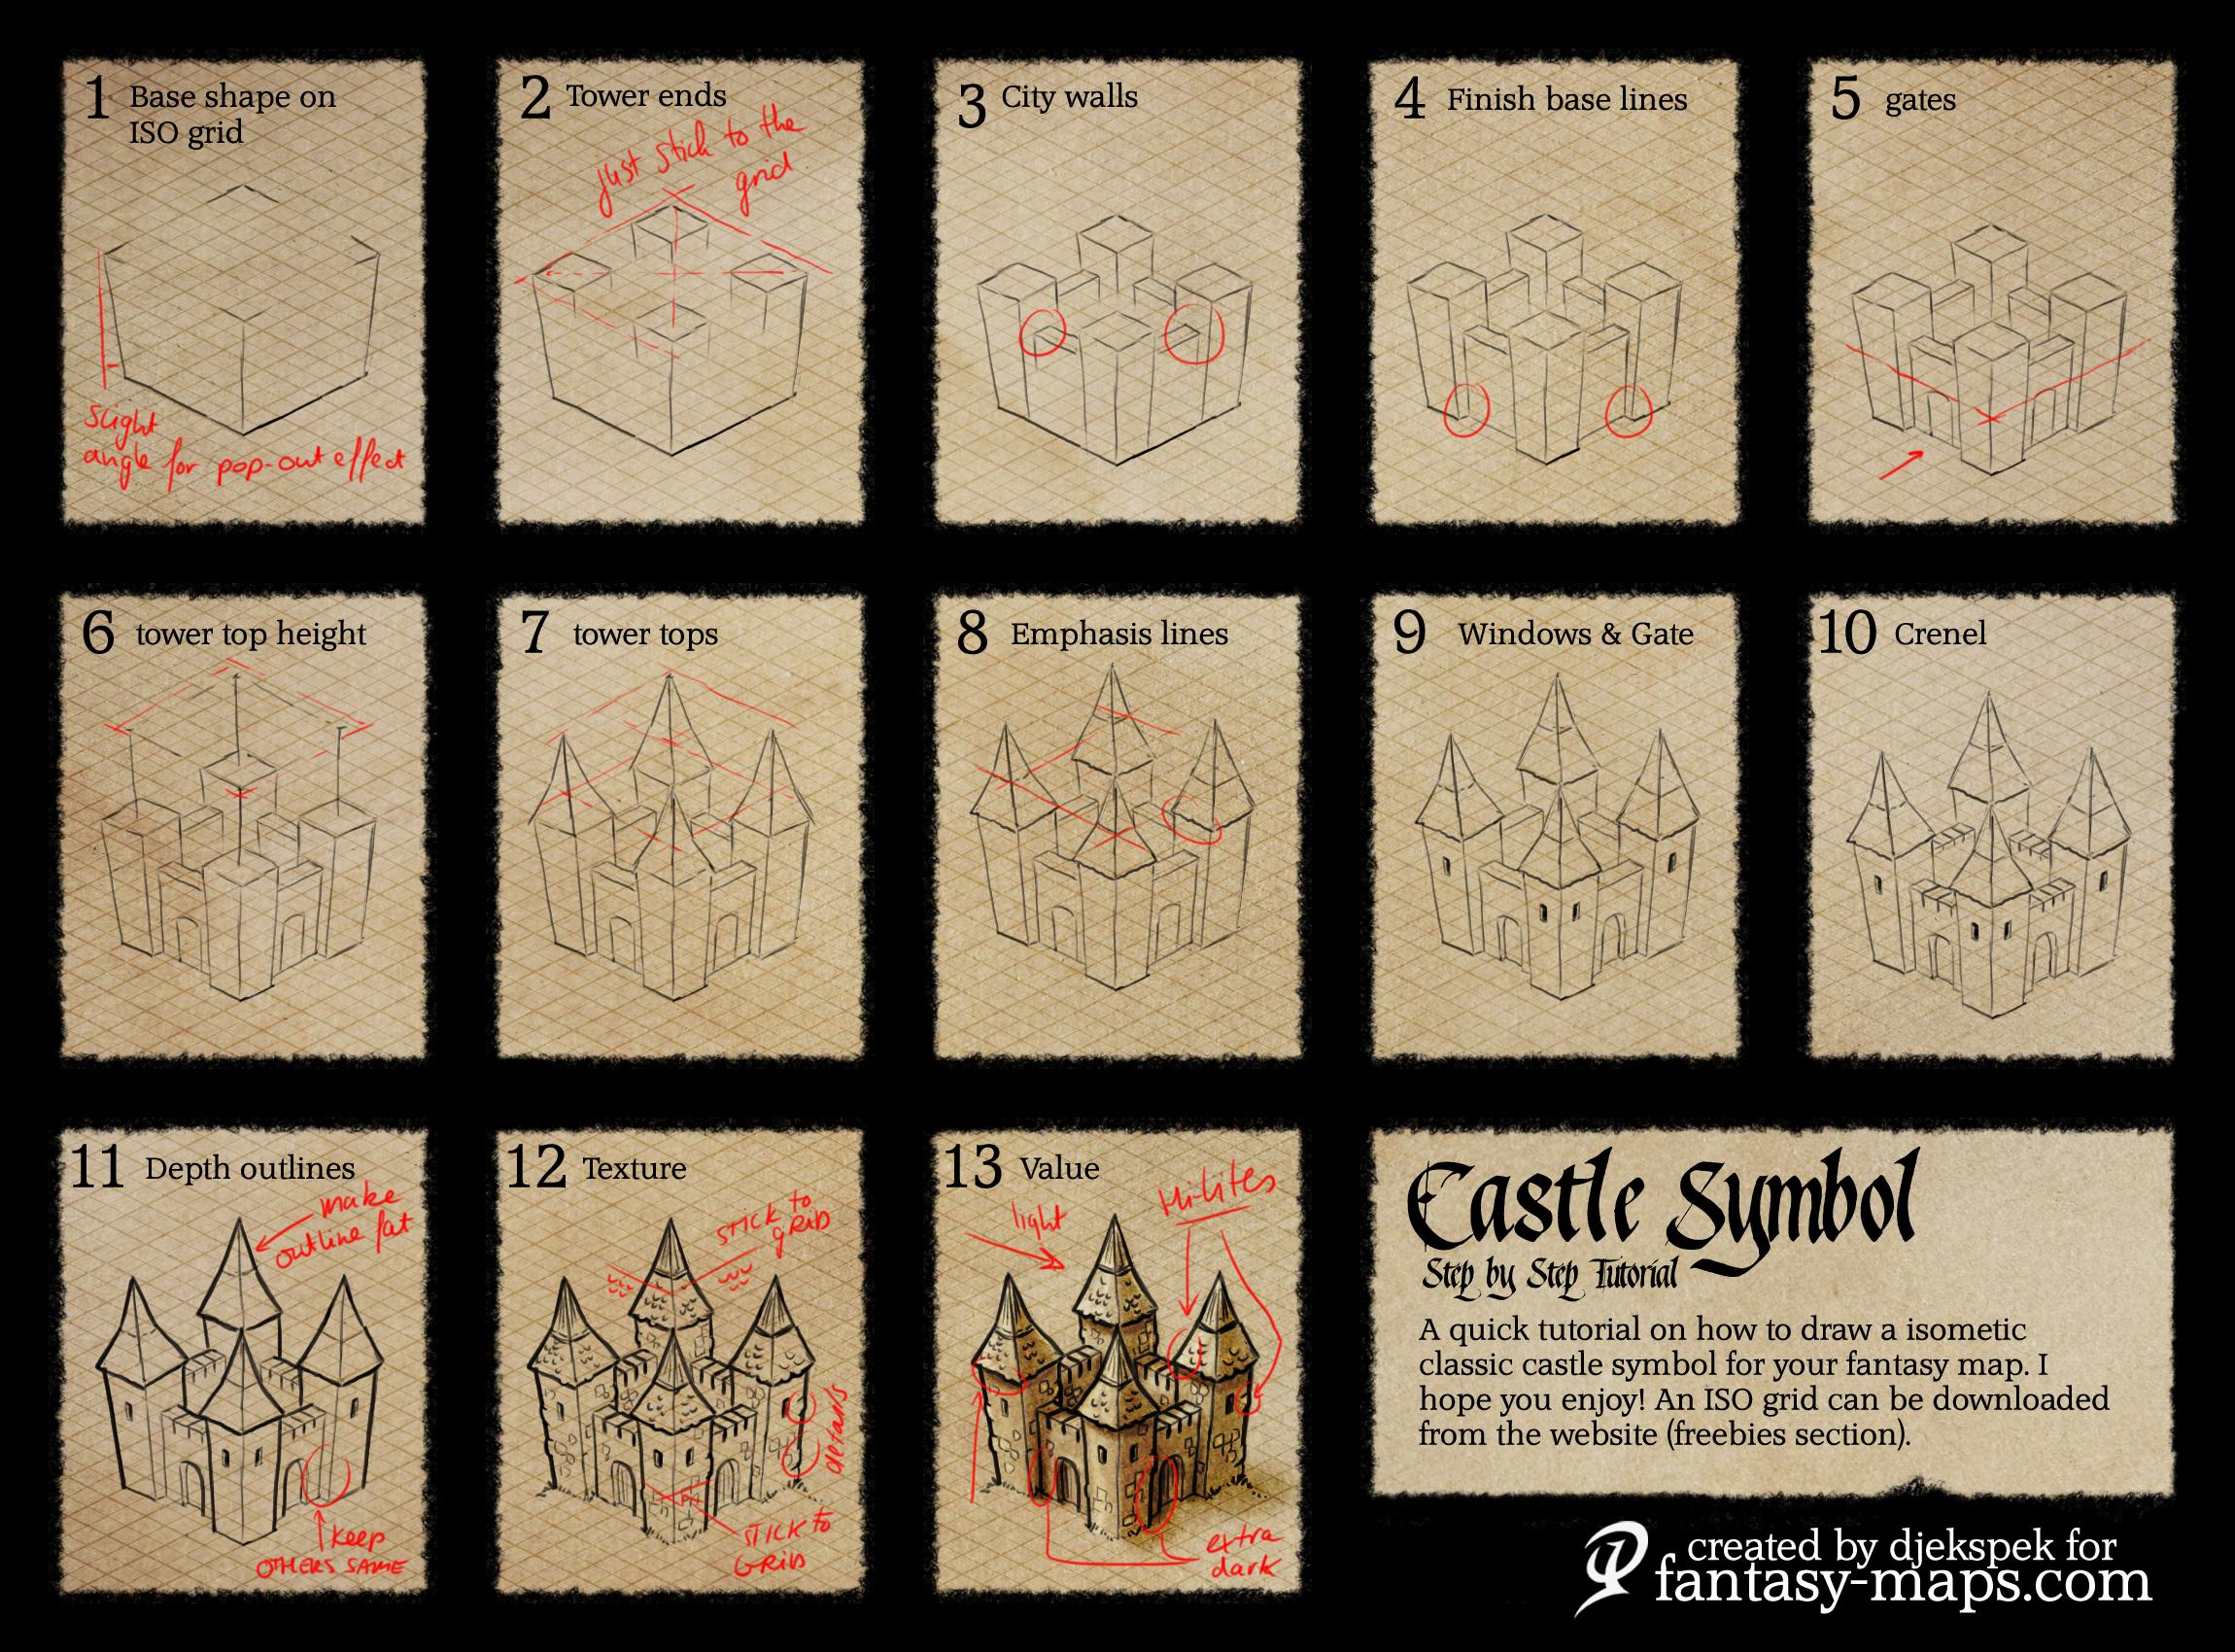 step-by-step-by-djekspek_castle-symbol.j